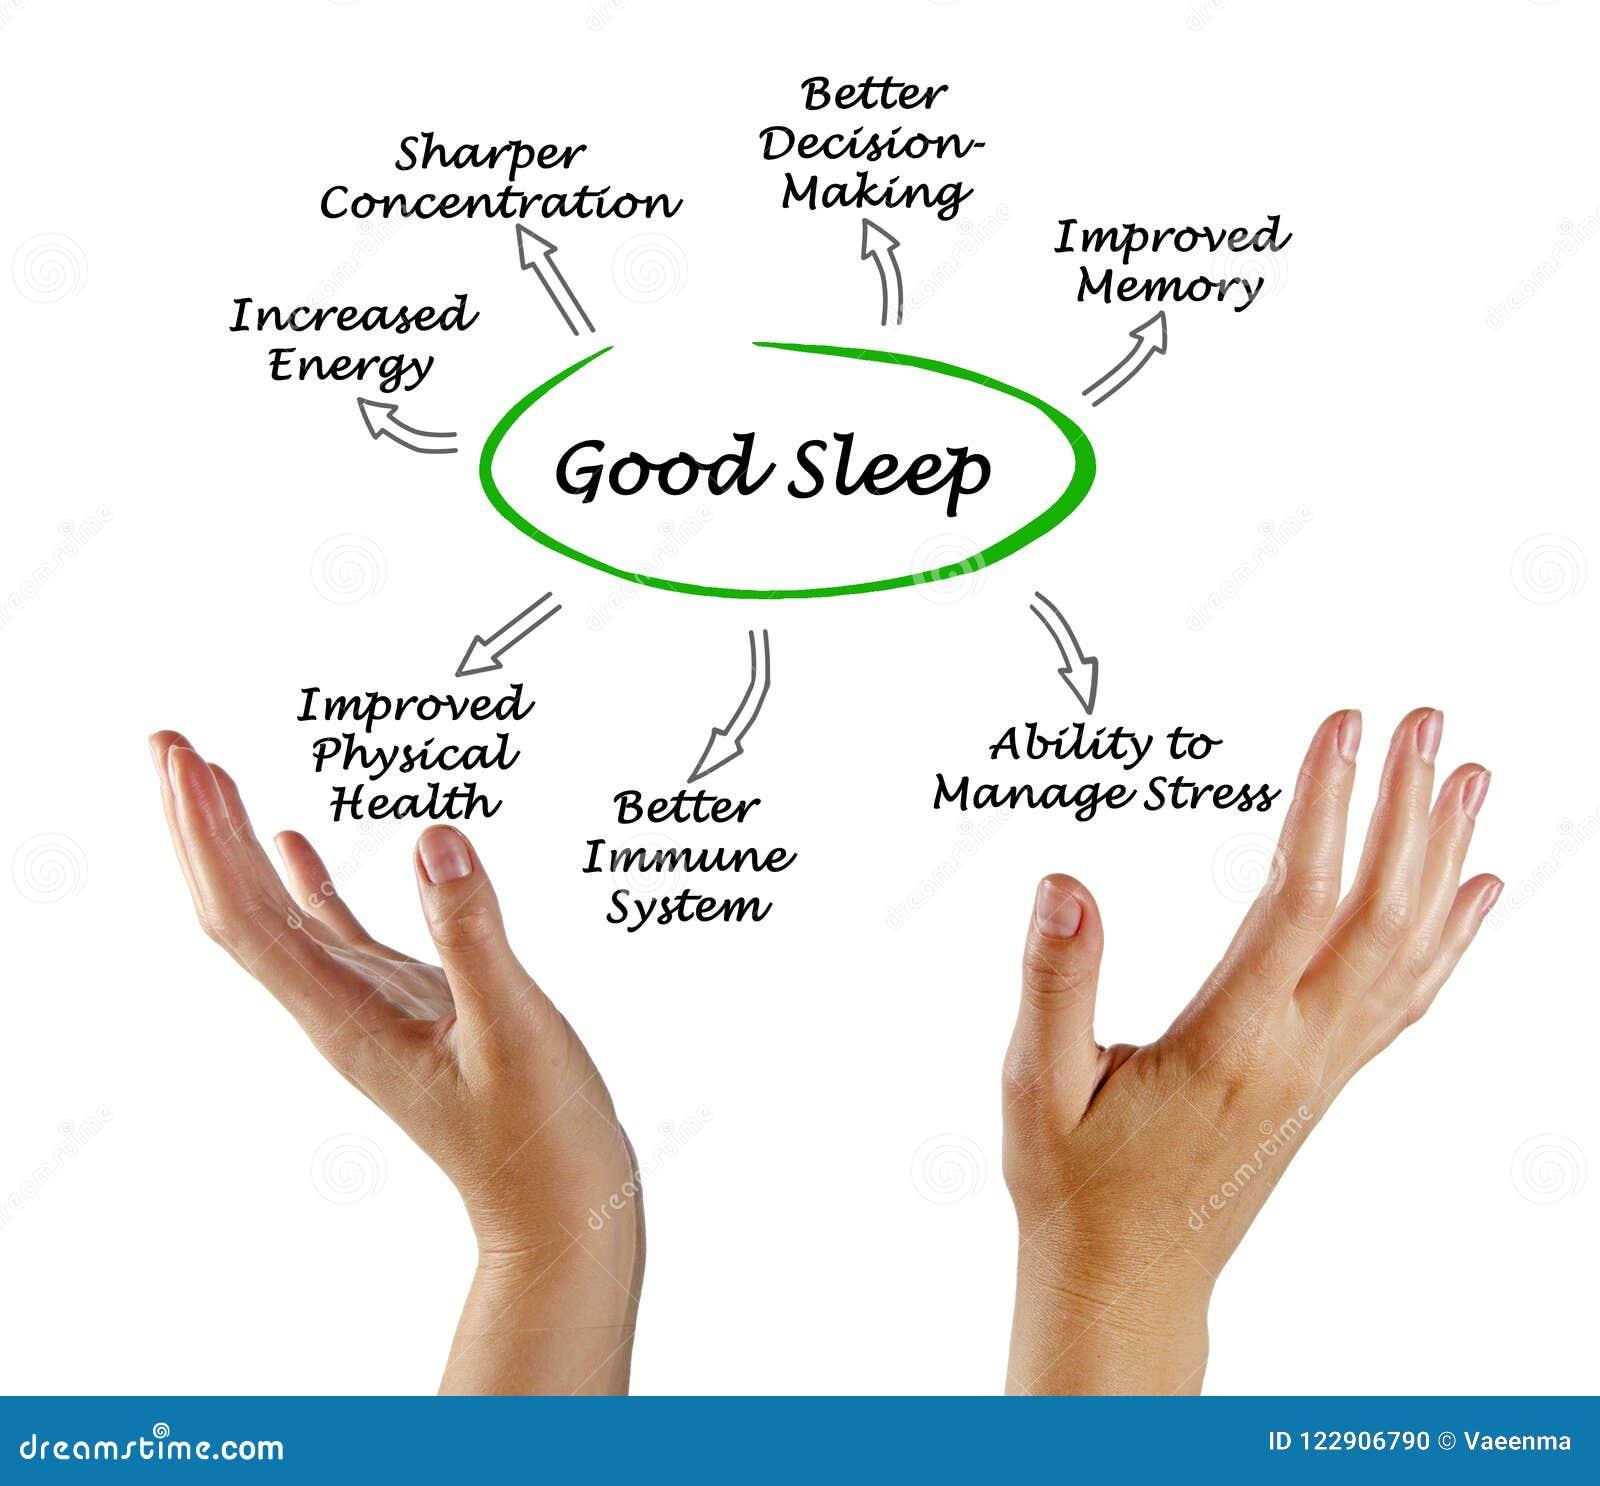 Ventajas del buen sueño